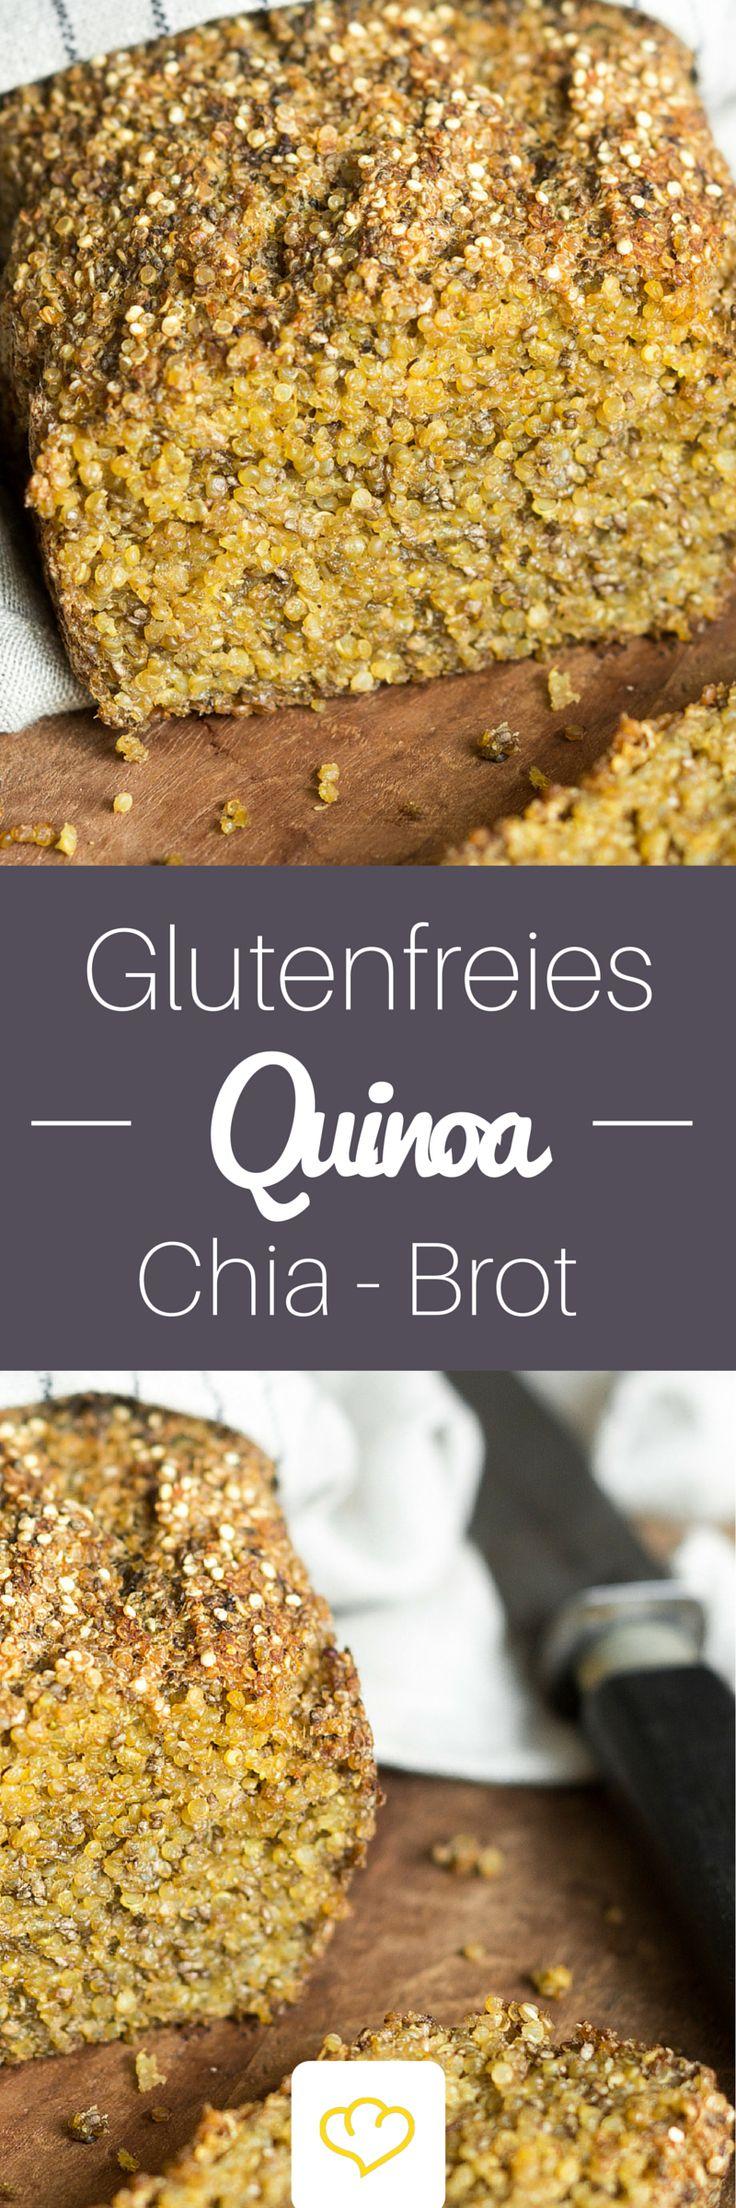 Ein Powerbrot, das allen schmeckt. Denn – dieses köstliche Quinoa-Chia-Brot ist frei von Gluten, tierischen Produkten und Zucker. Und obendrein so einfach zu machen, dass du dich die ganze Woche und das Wochenende und die darauffolgende Woche und … darüber freuen kannst.Limettensaft ersetzen!!!